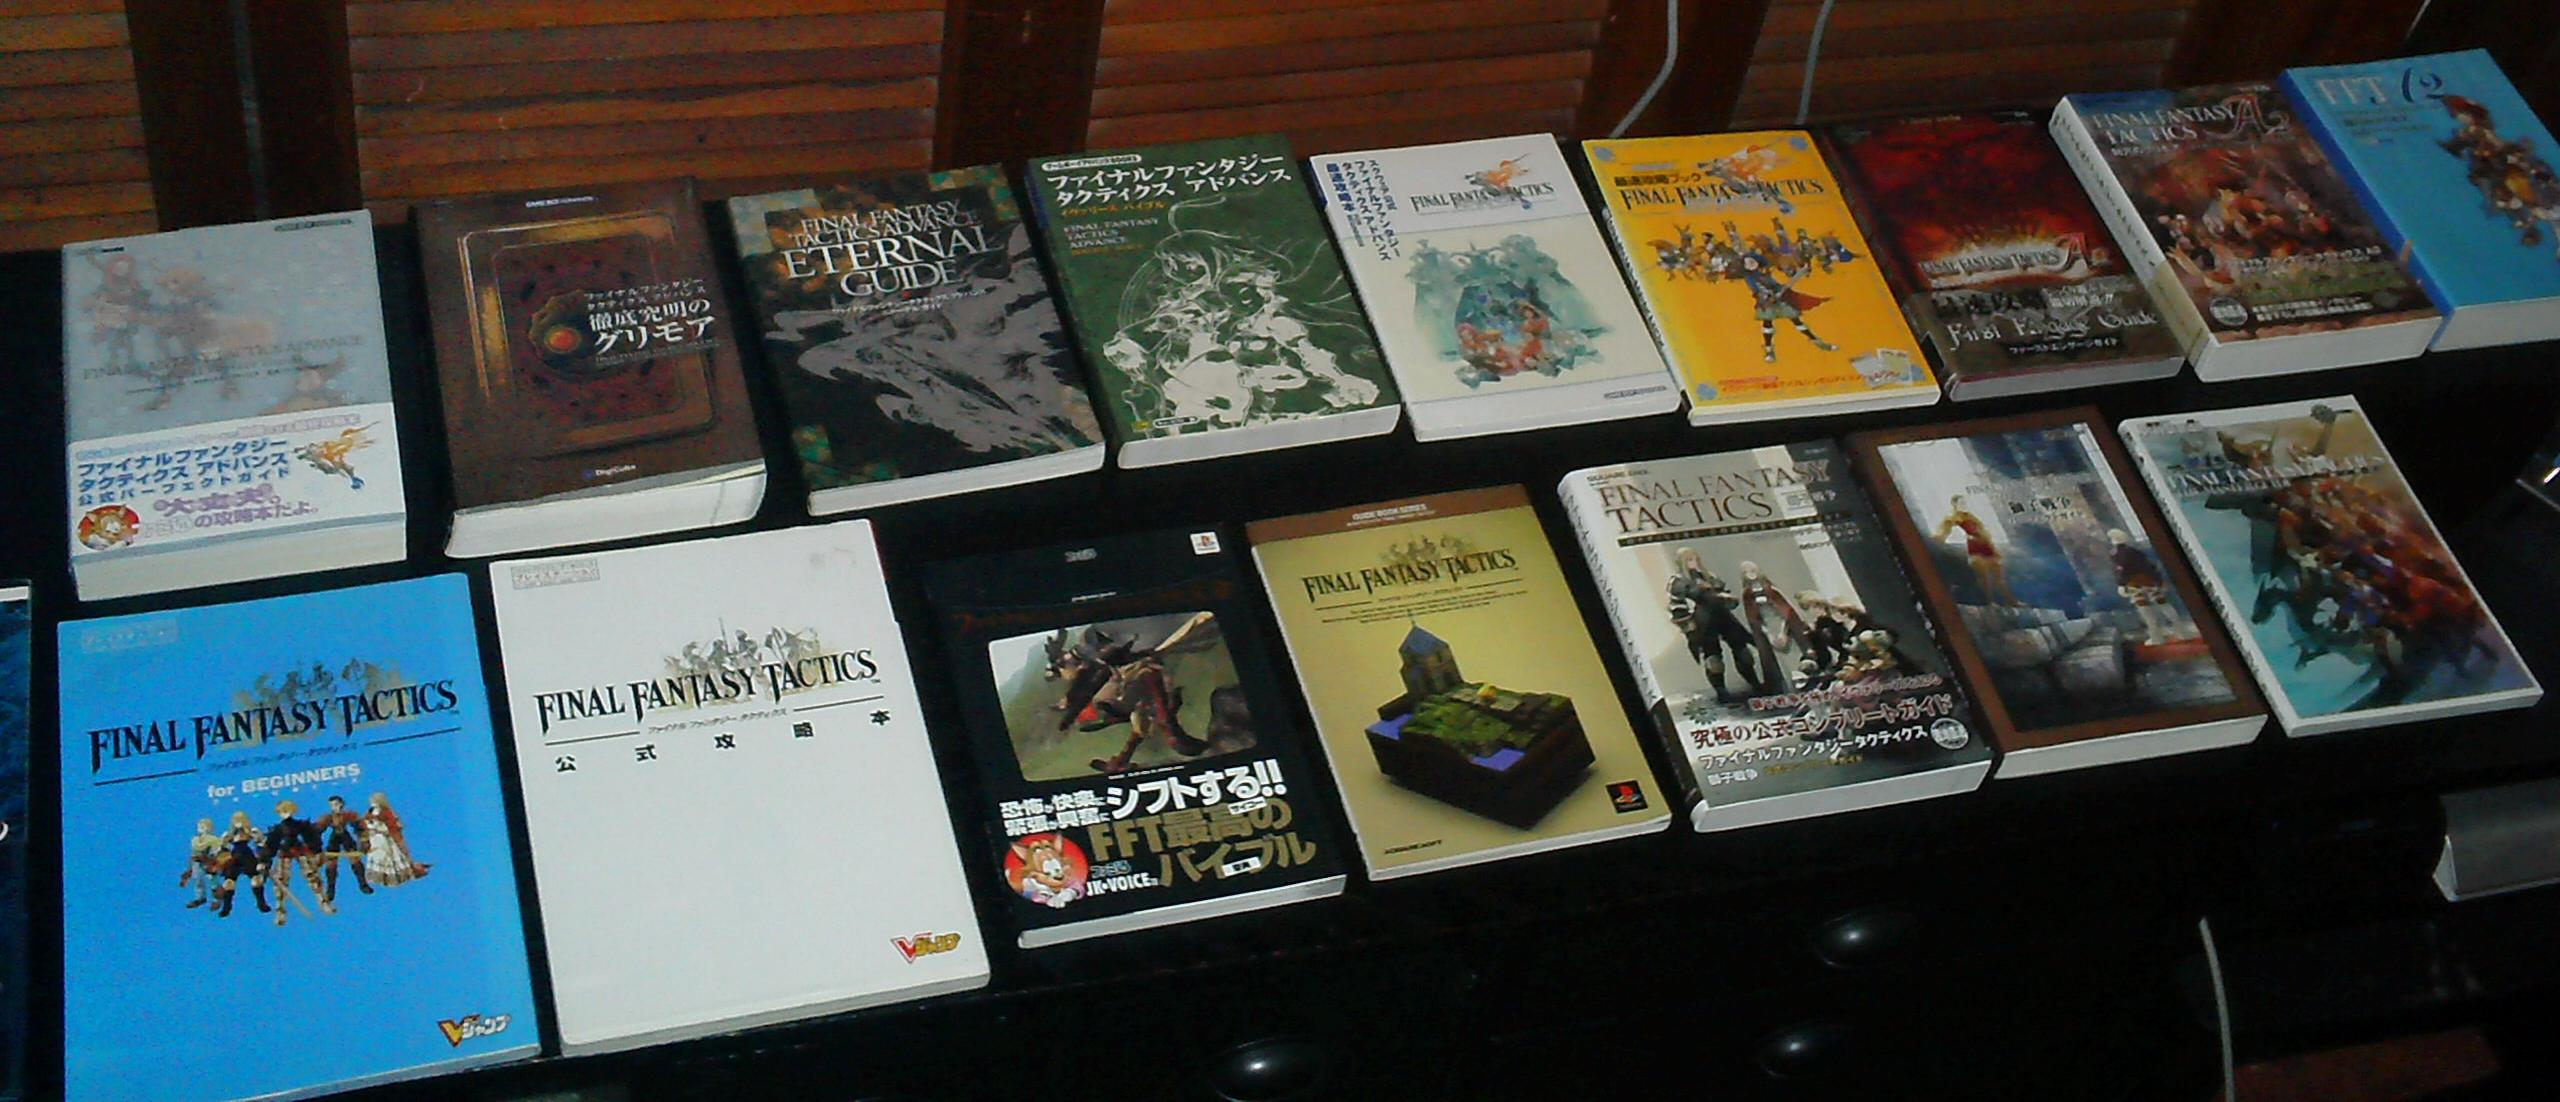 Final Fantasy Tactics Advance Case Art